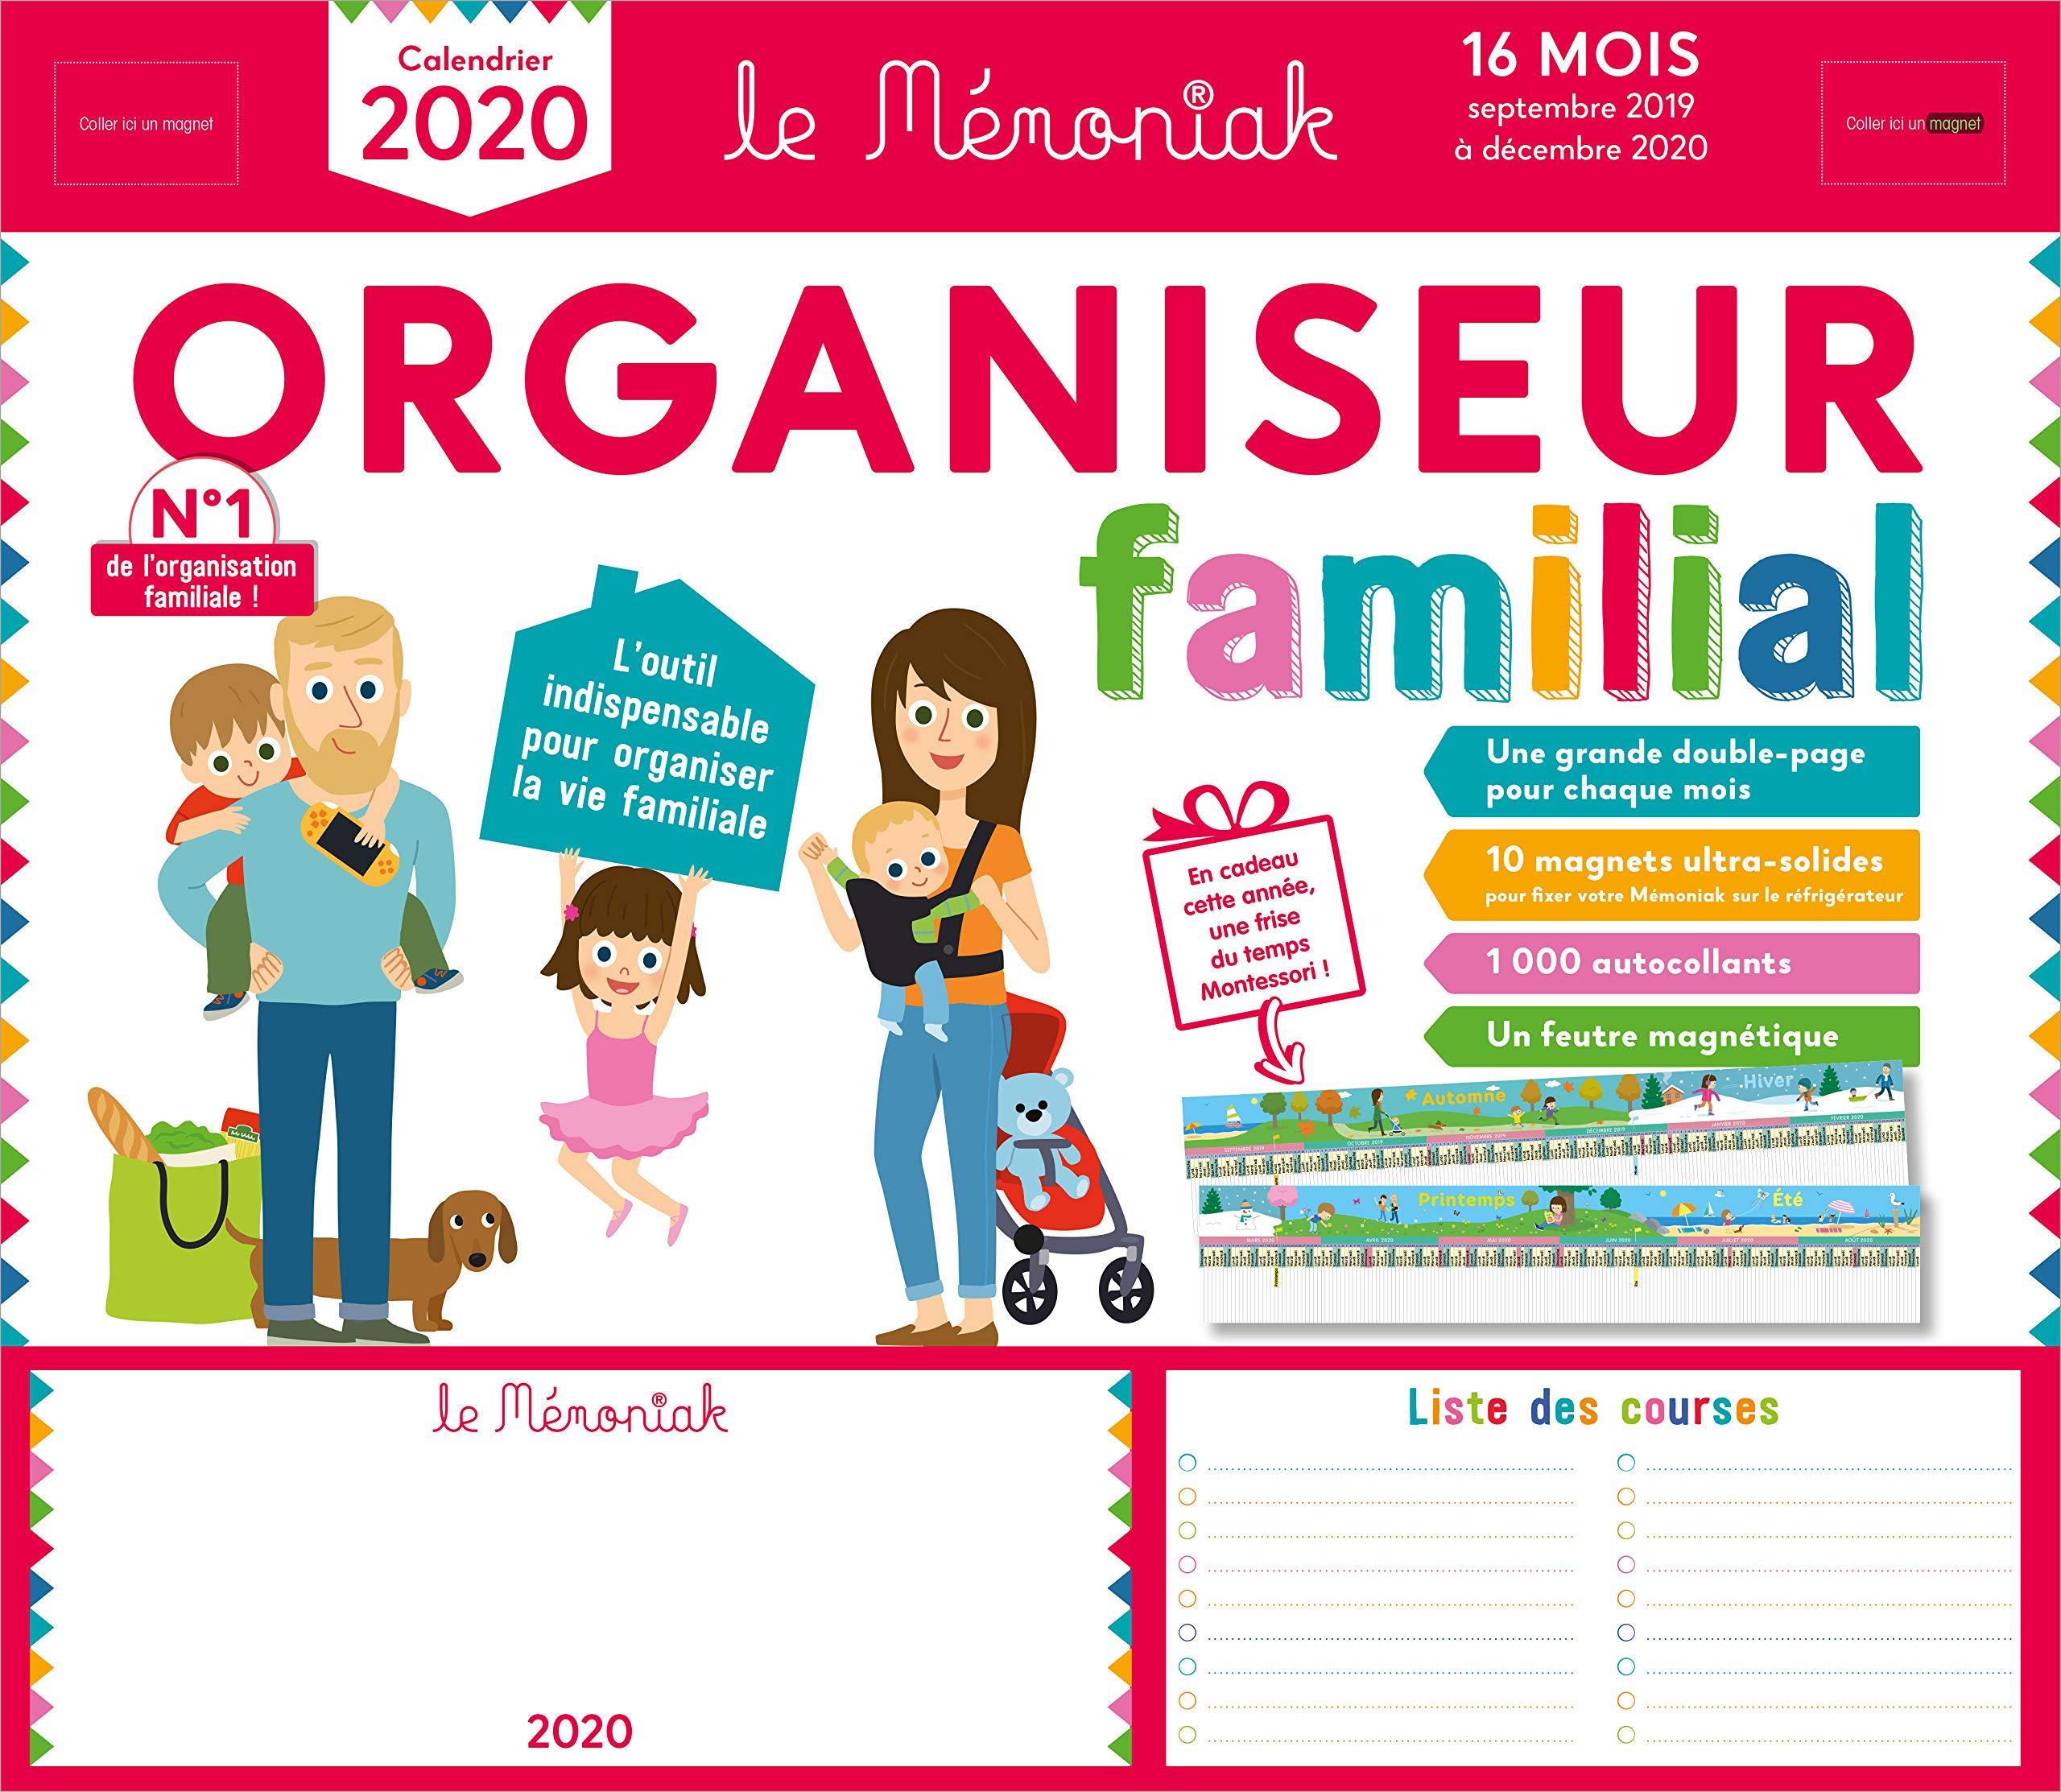 organiseur-familial